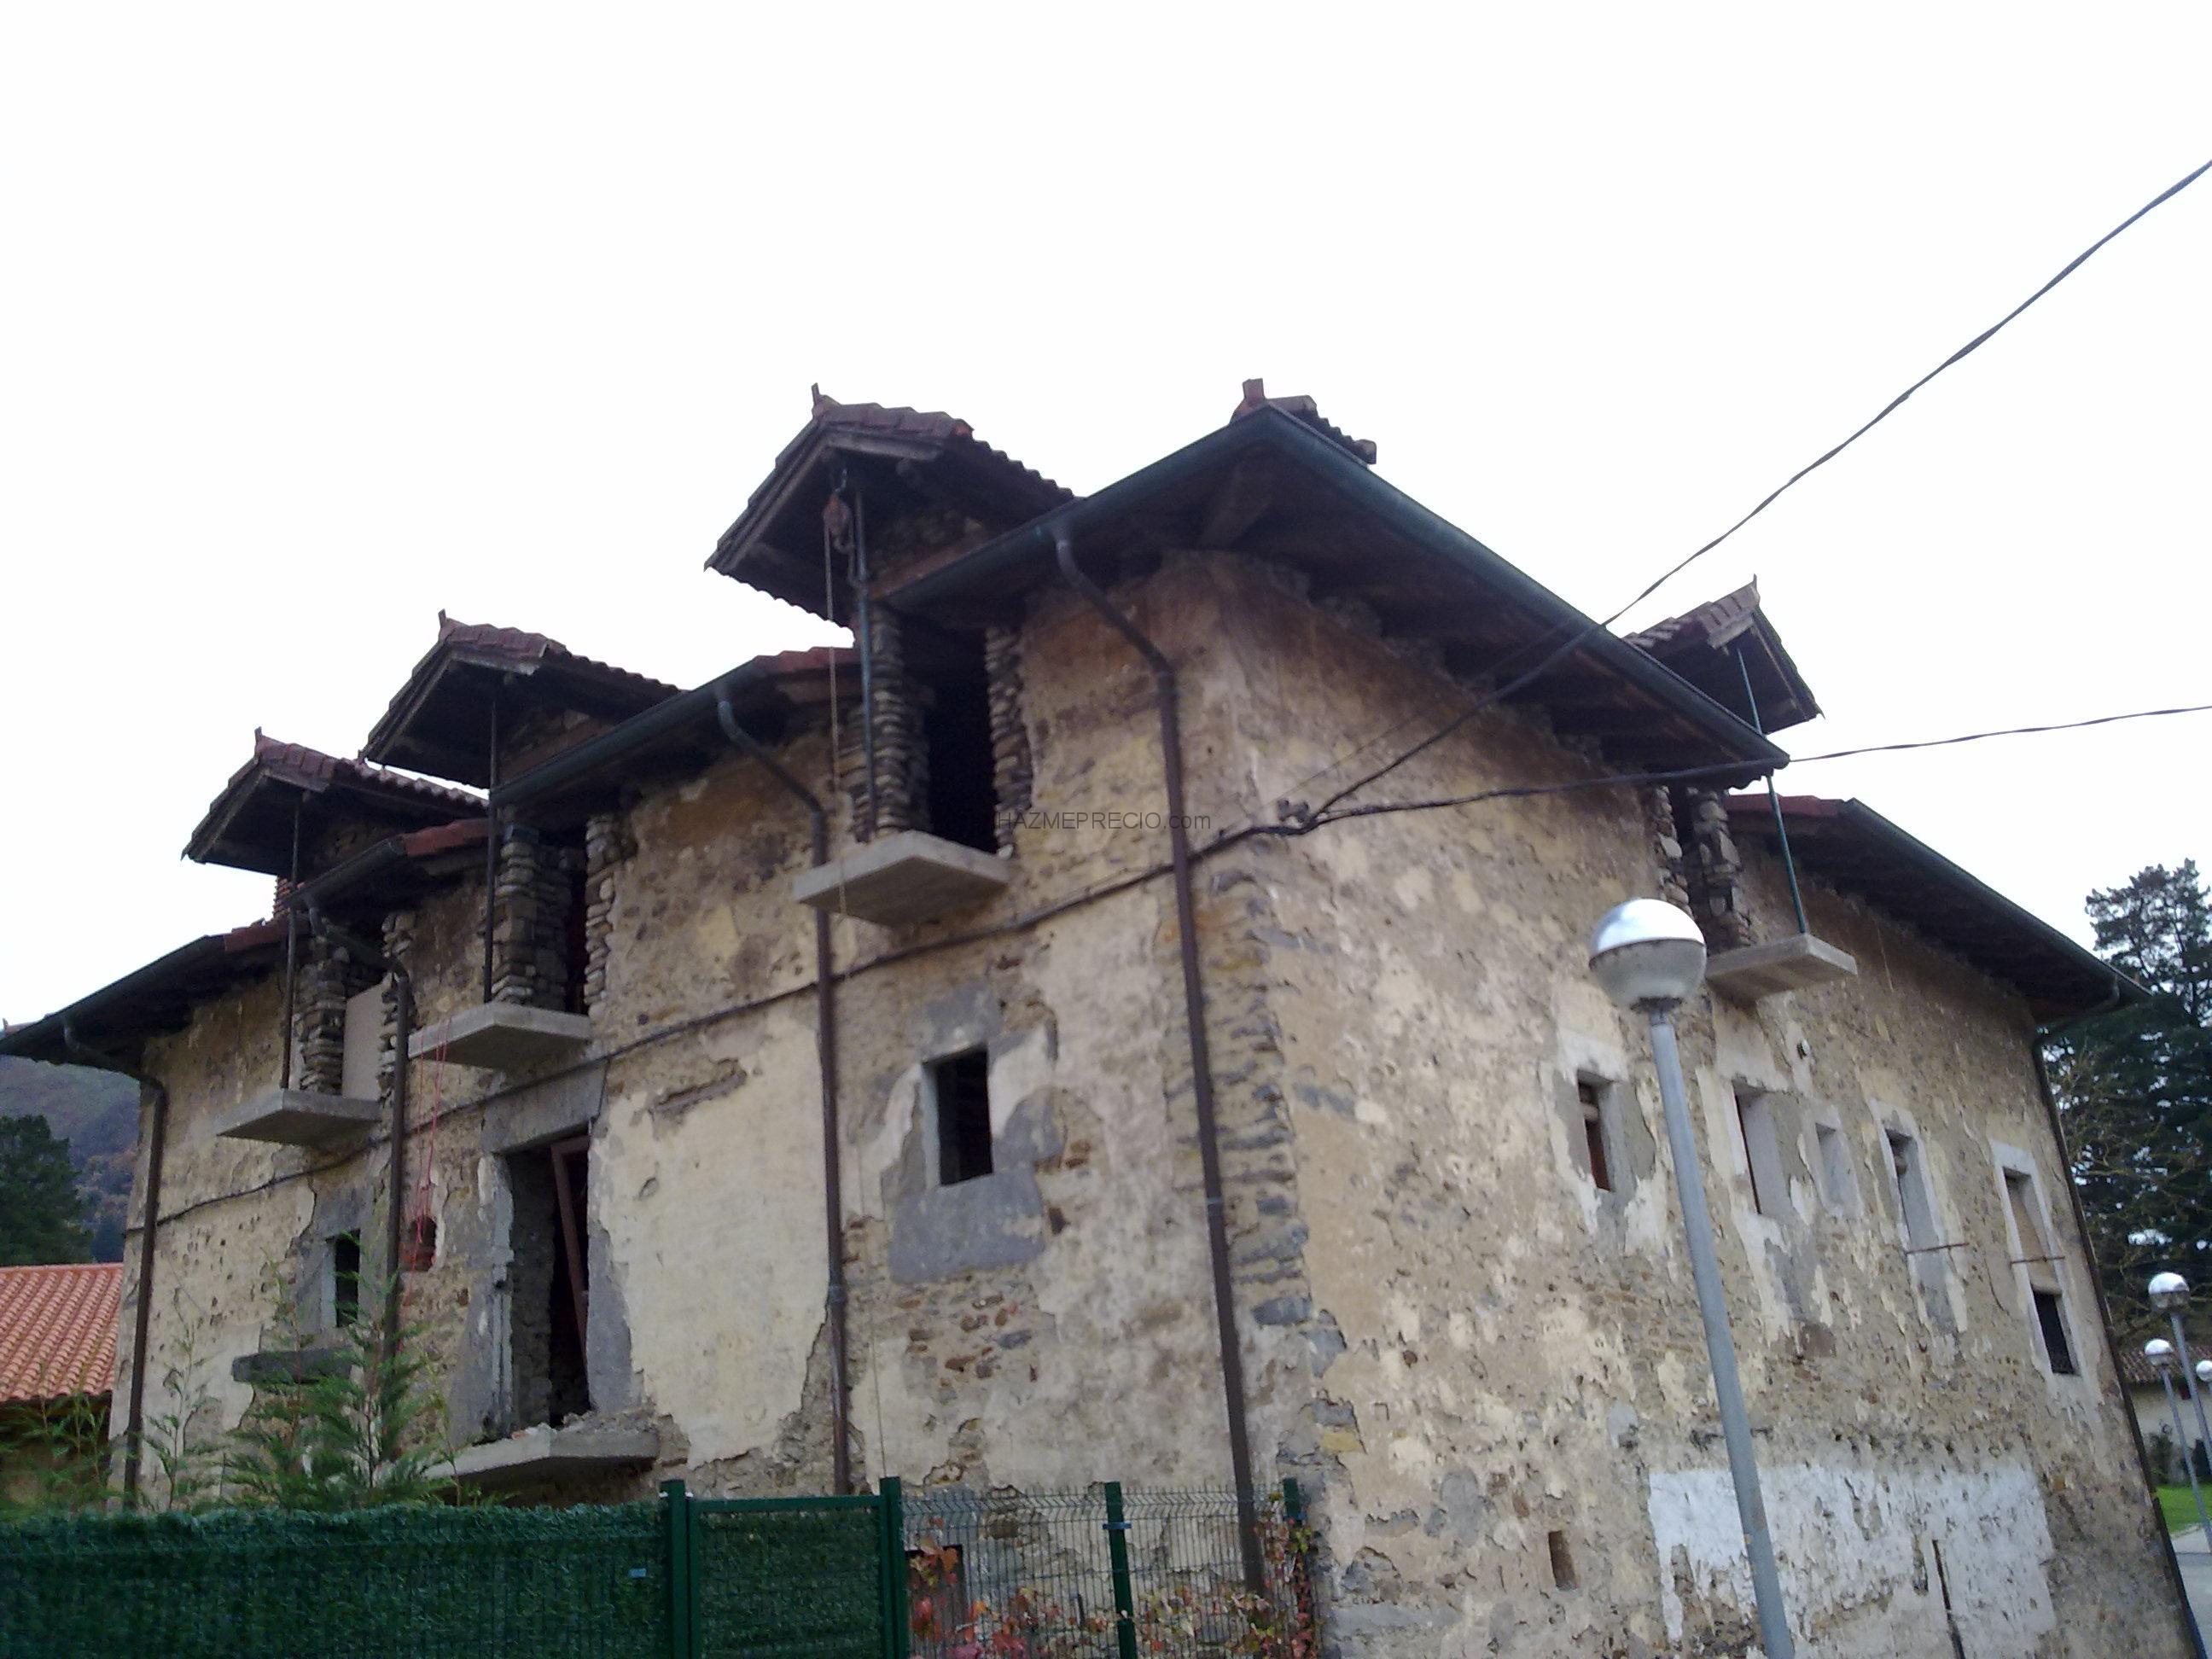 Obras y reformas obresabin 48902 barakaldo vizcaya - Trabajo en casas rurales ...